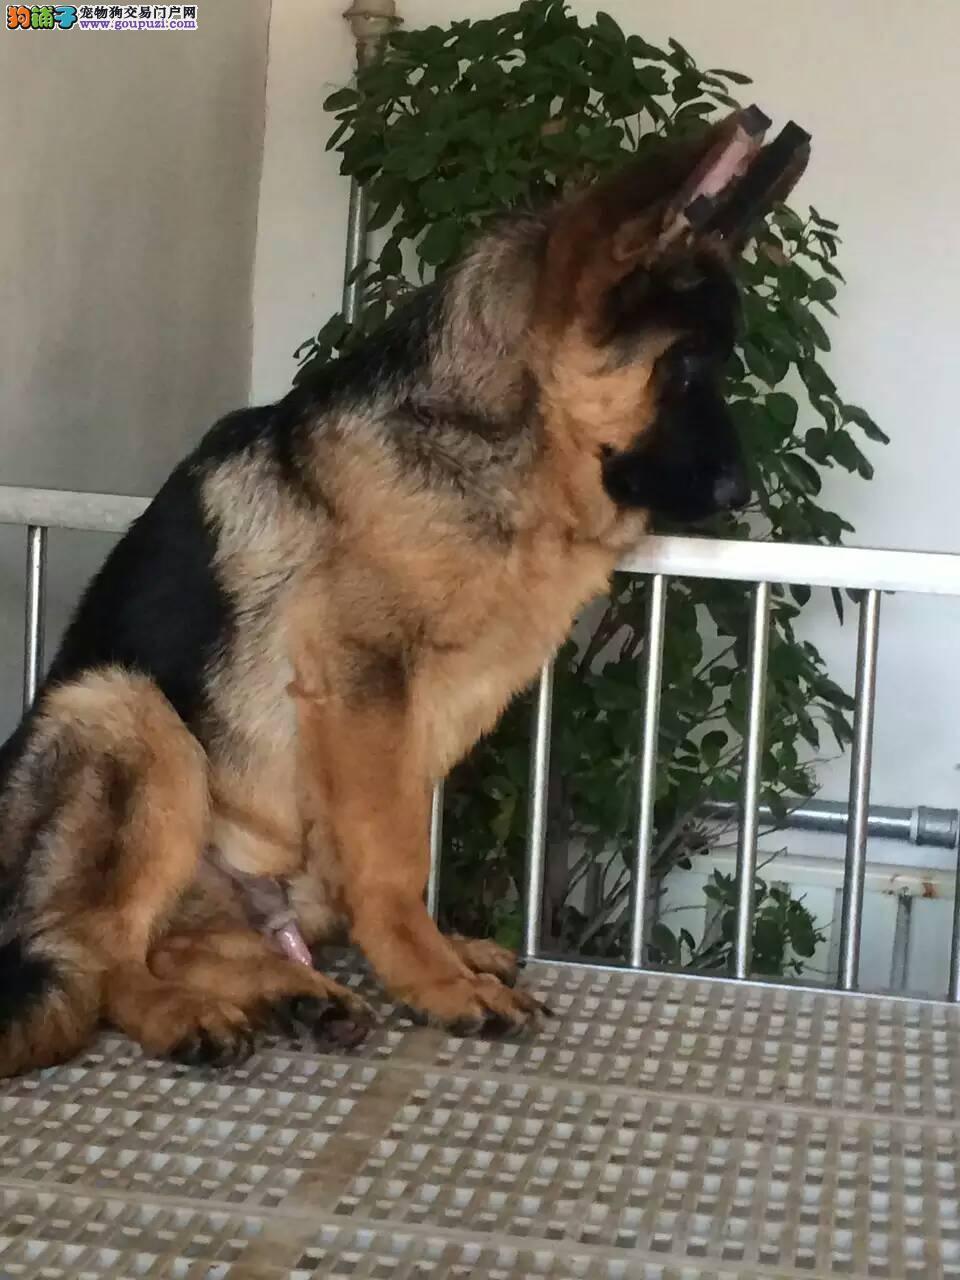 北京康泰名犬出售德国牧羊犬,德牧,黑贝狼狗多少钱